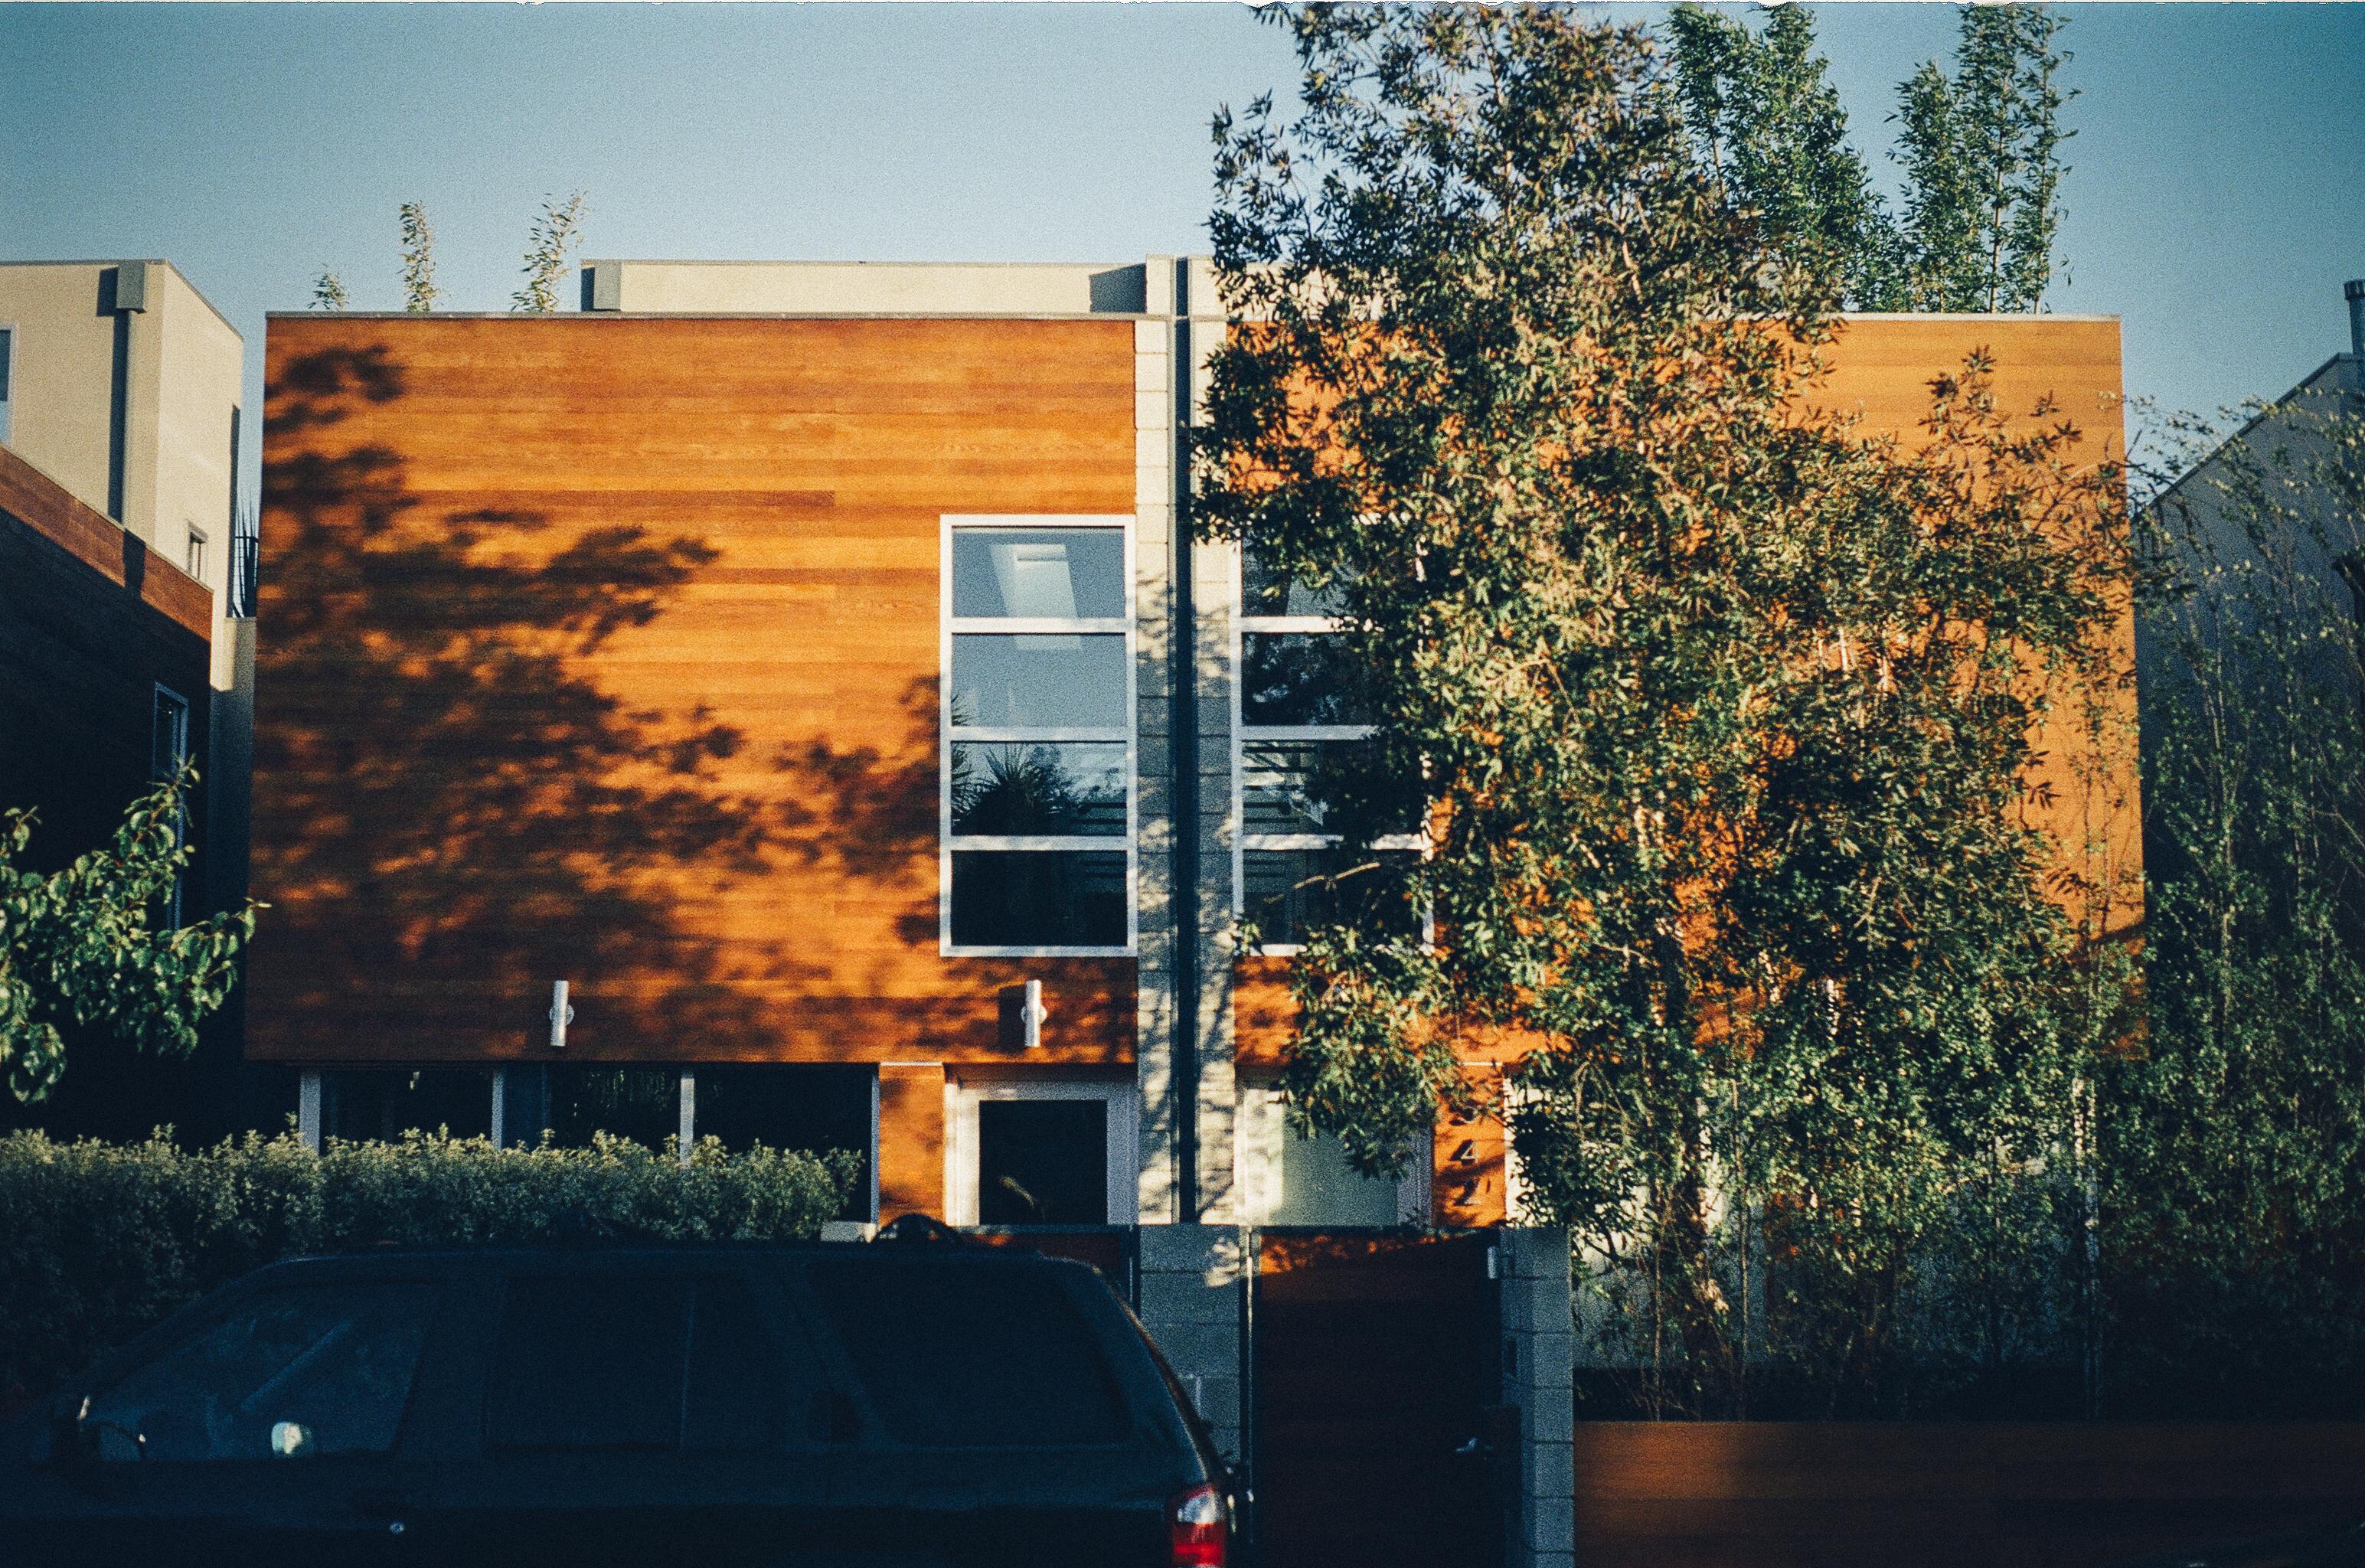 Individuelles Immobiliendarlehen: Das beste maßgeschneiderte Angebot hängt von vielen Faktoren ab.